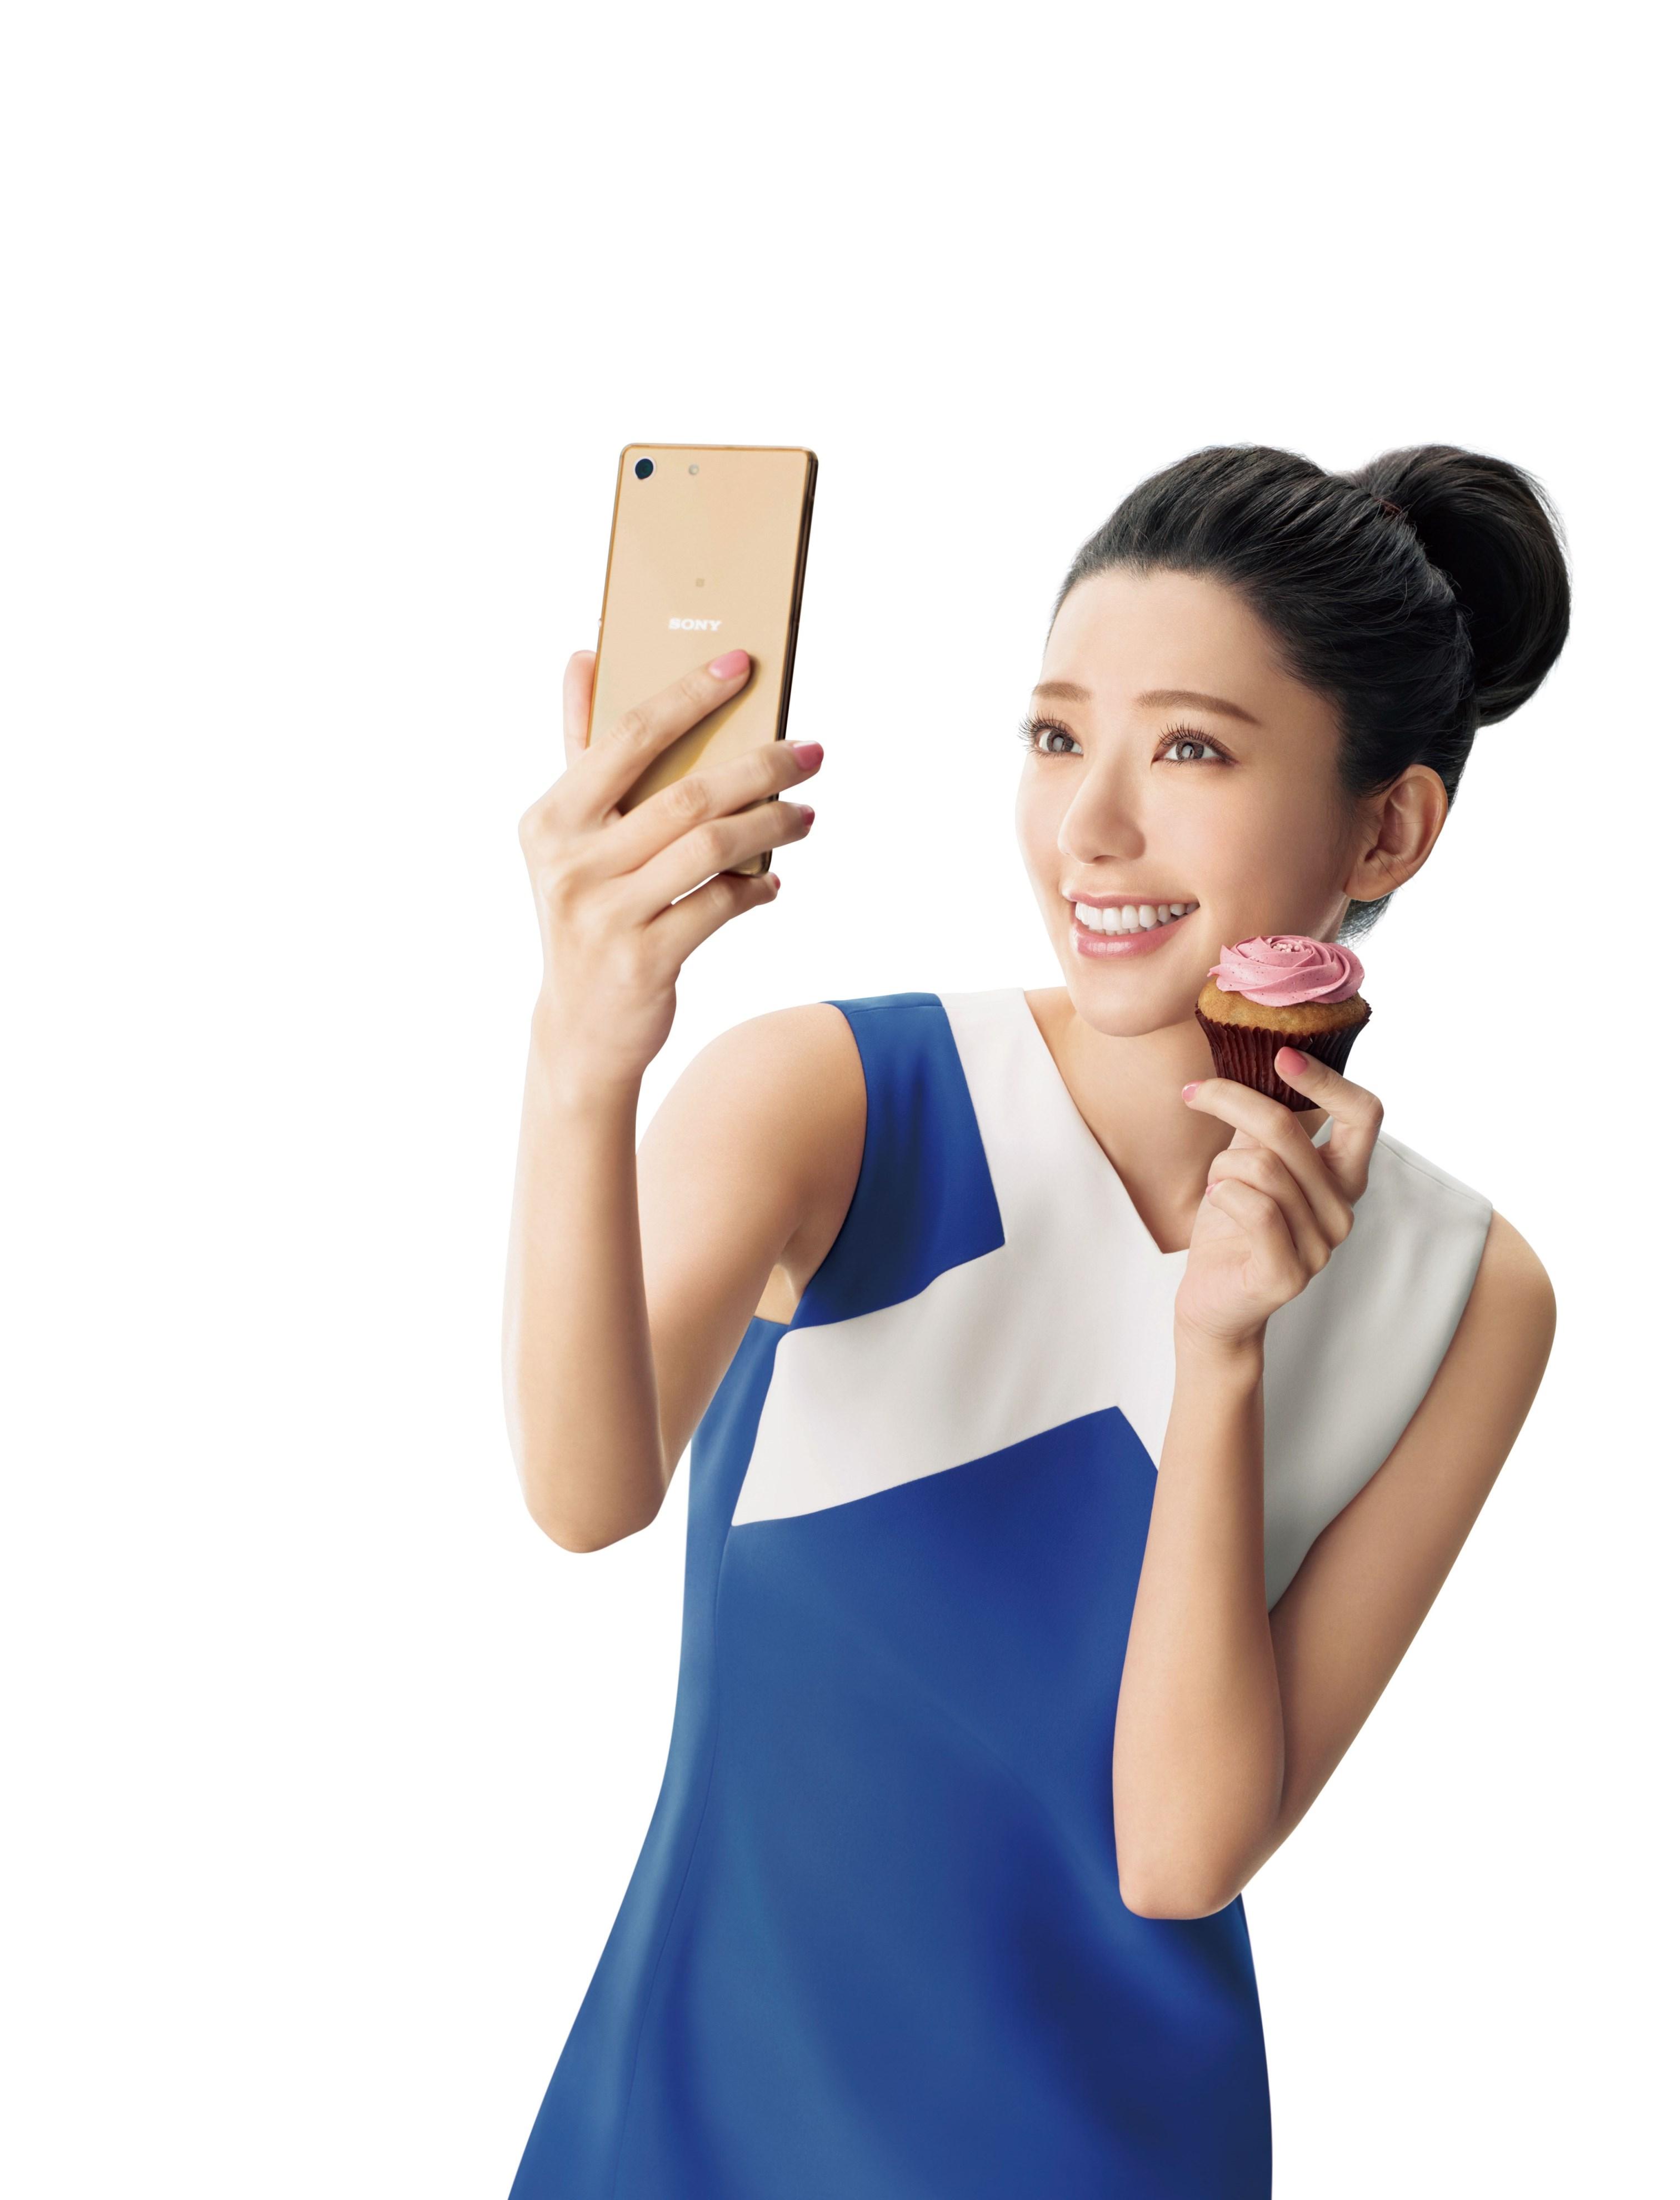 郭雪芙代言Sony XperiaM5水水機